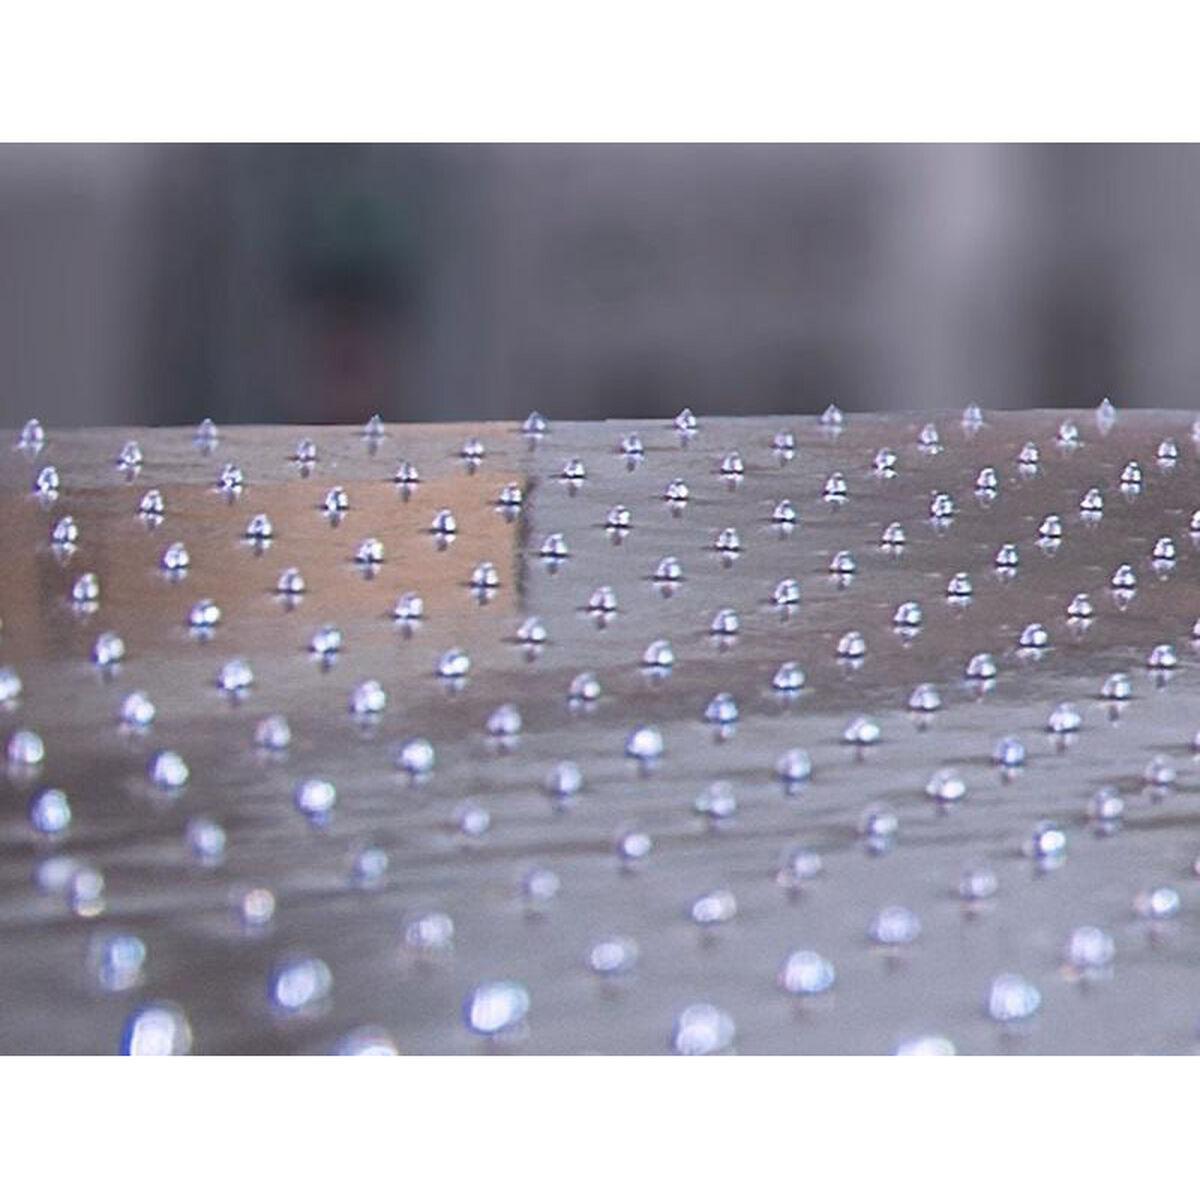 cleartex xxl chair mat all carpet fr1115020023er bizchair com